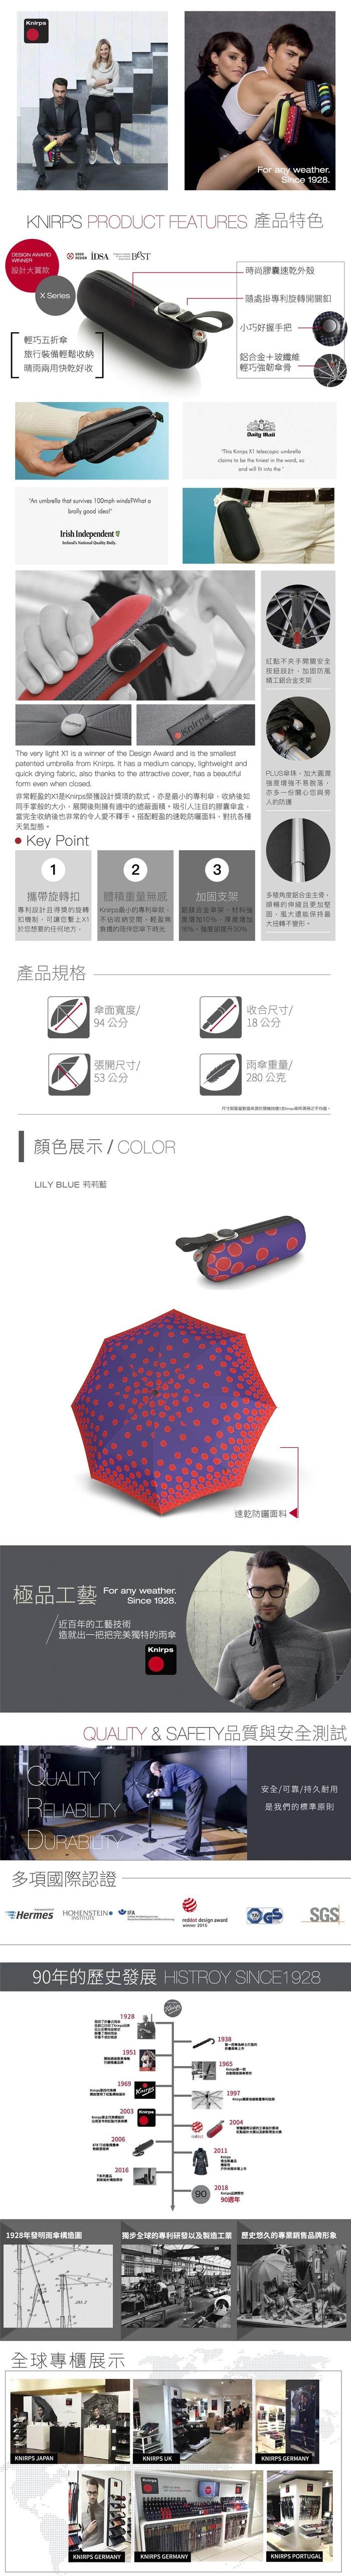 (複製)Knirps®德國紅點傘| X1 膠囊五折傘-Stars Black